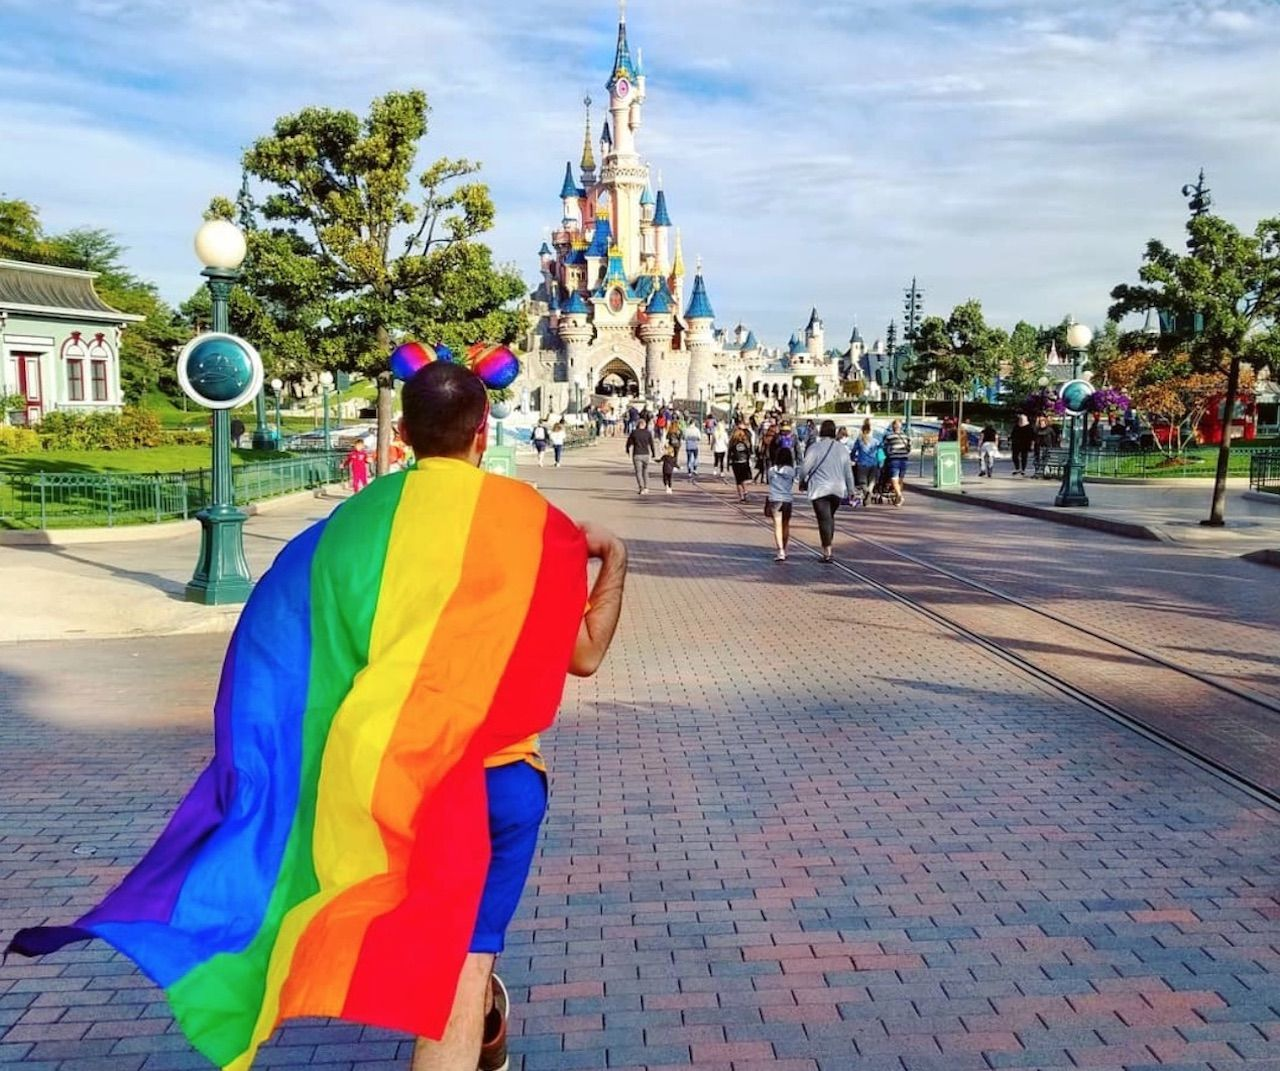 Disneyland Paris hosting first Pride